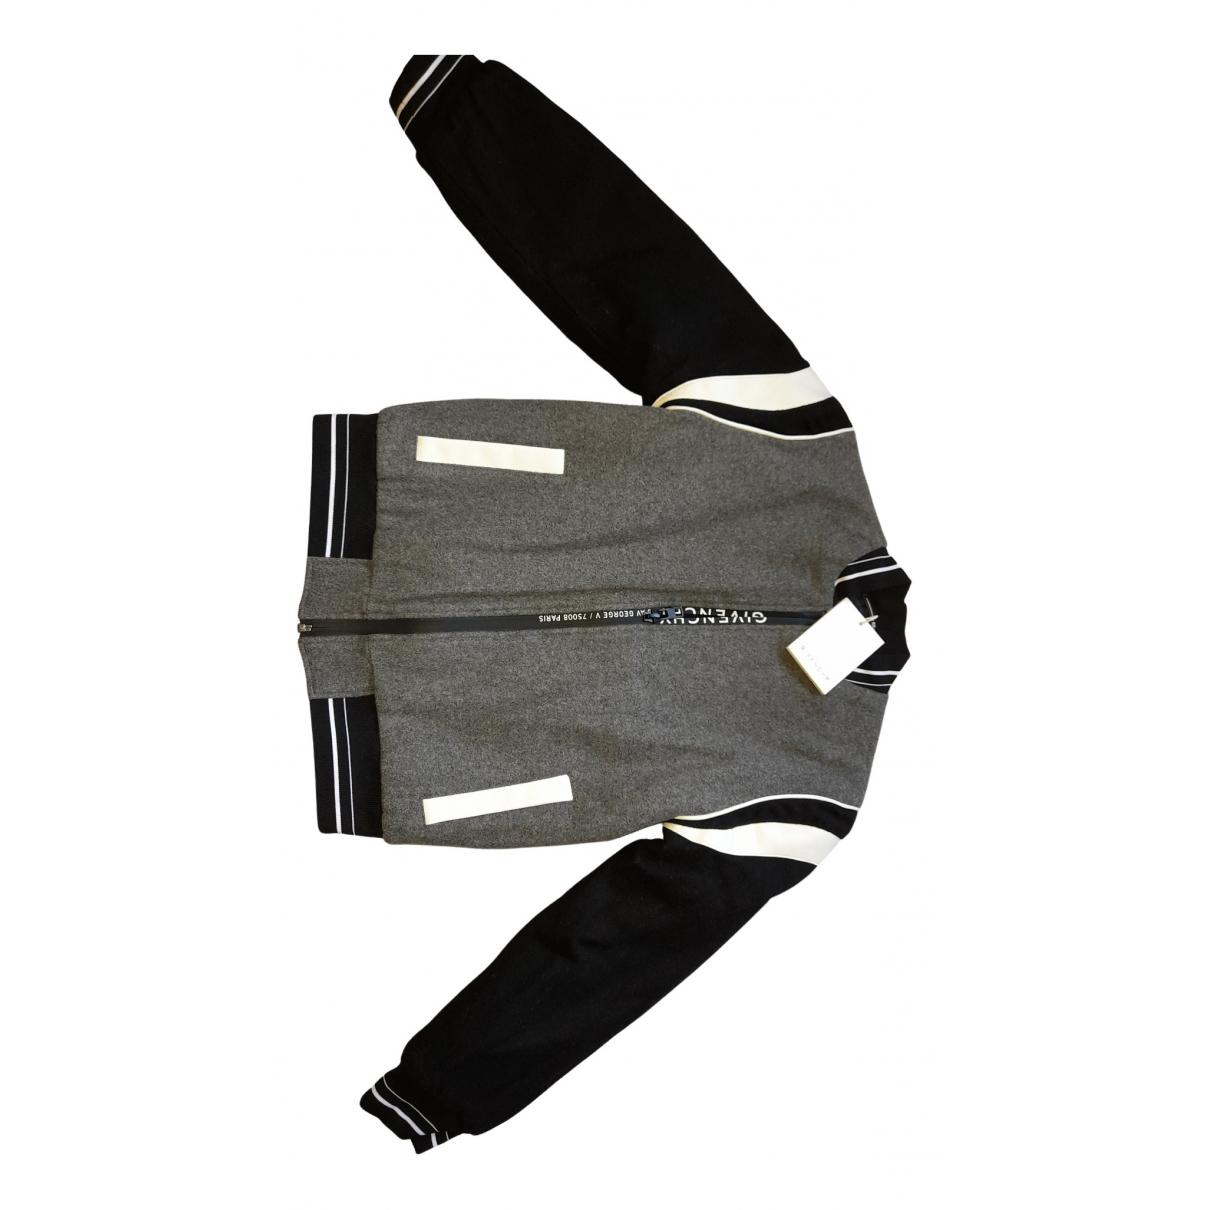 Givenchy \N Jacke, Maentel in  Grau Wolle